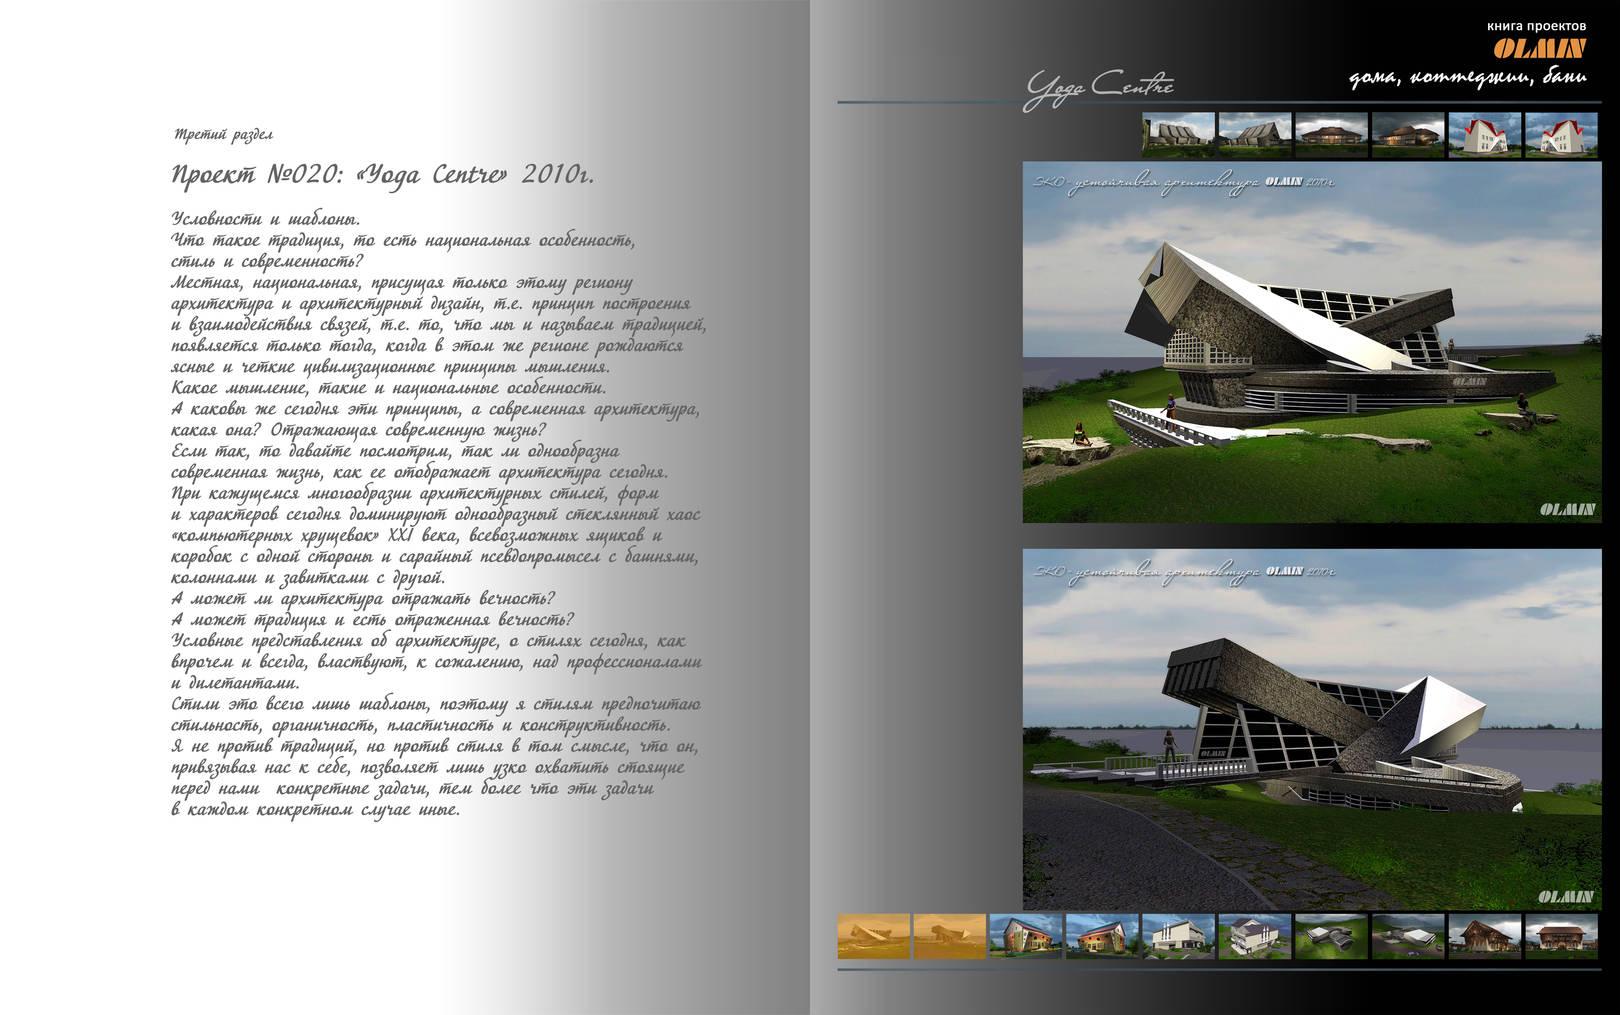 Йога-Спа-центр, конкурсный проект, Зап. Македония, Греция. 2010 г.